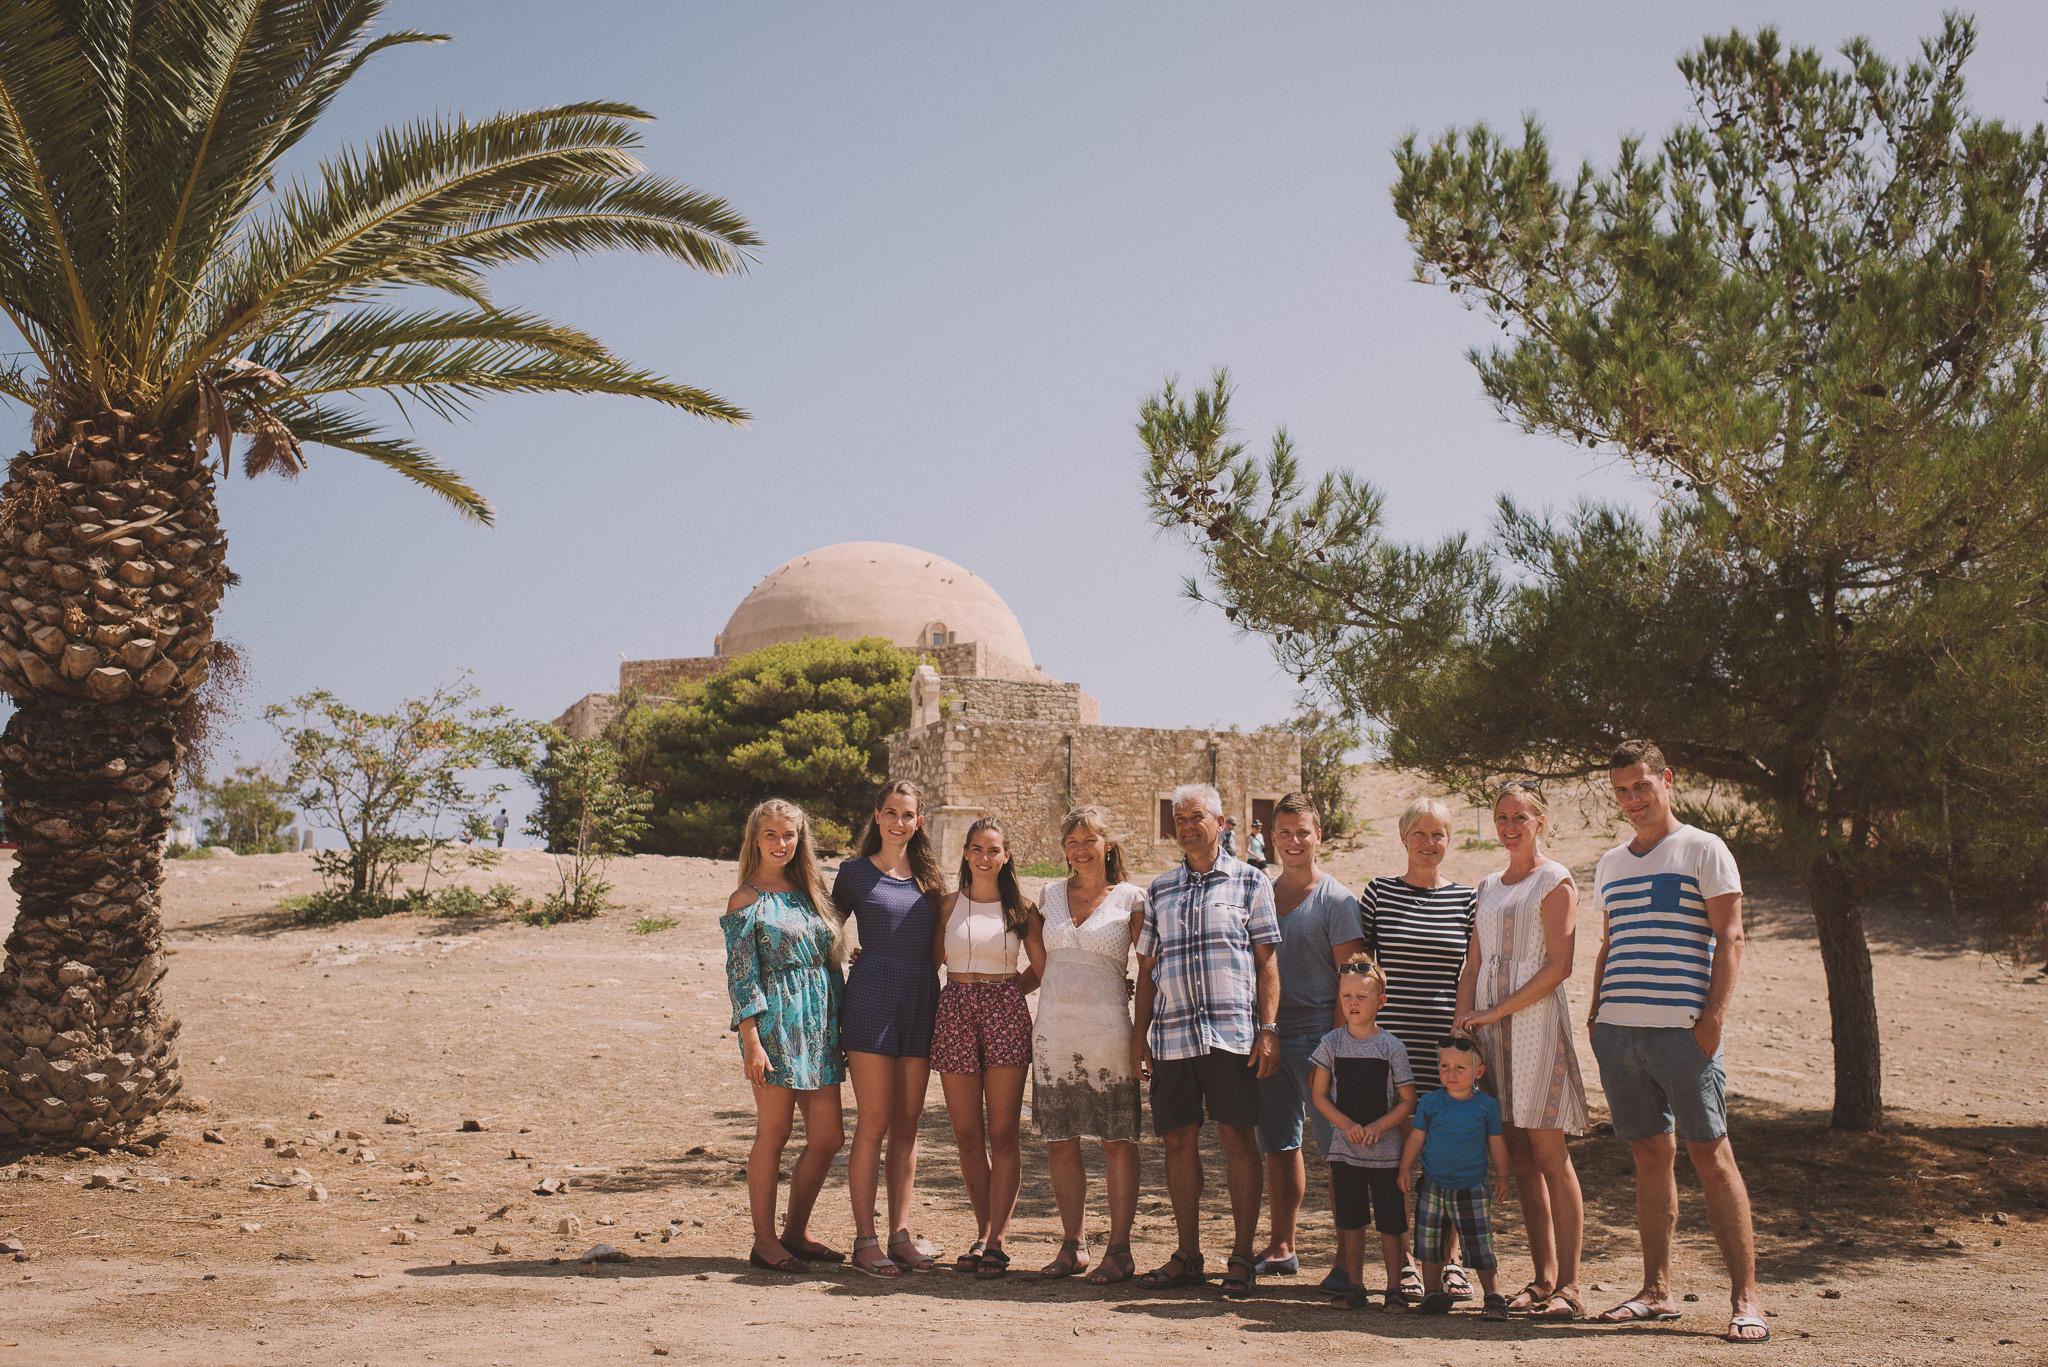 Family photo shoot in Fortezza castle Rethymno Crete Greece